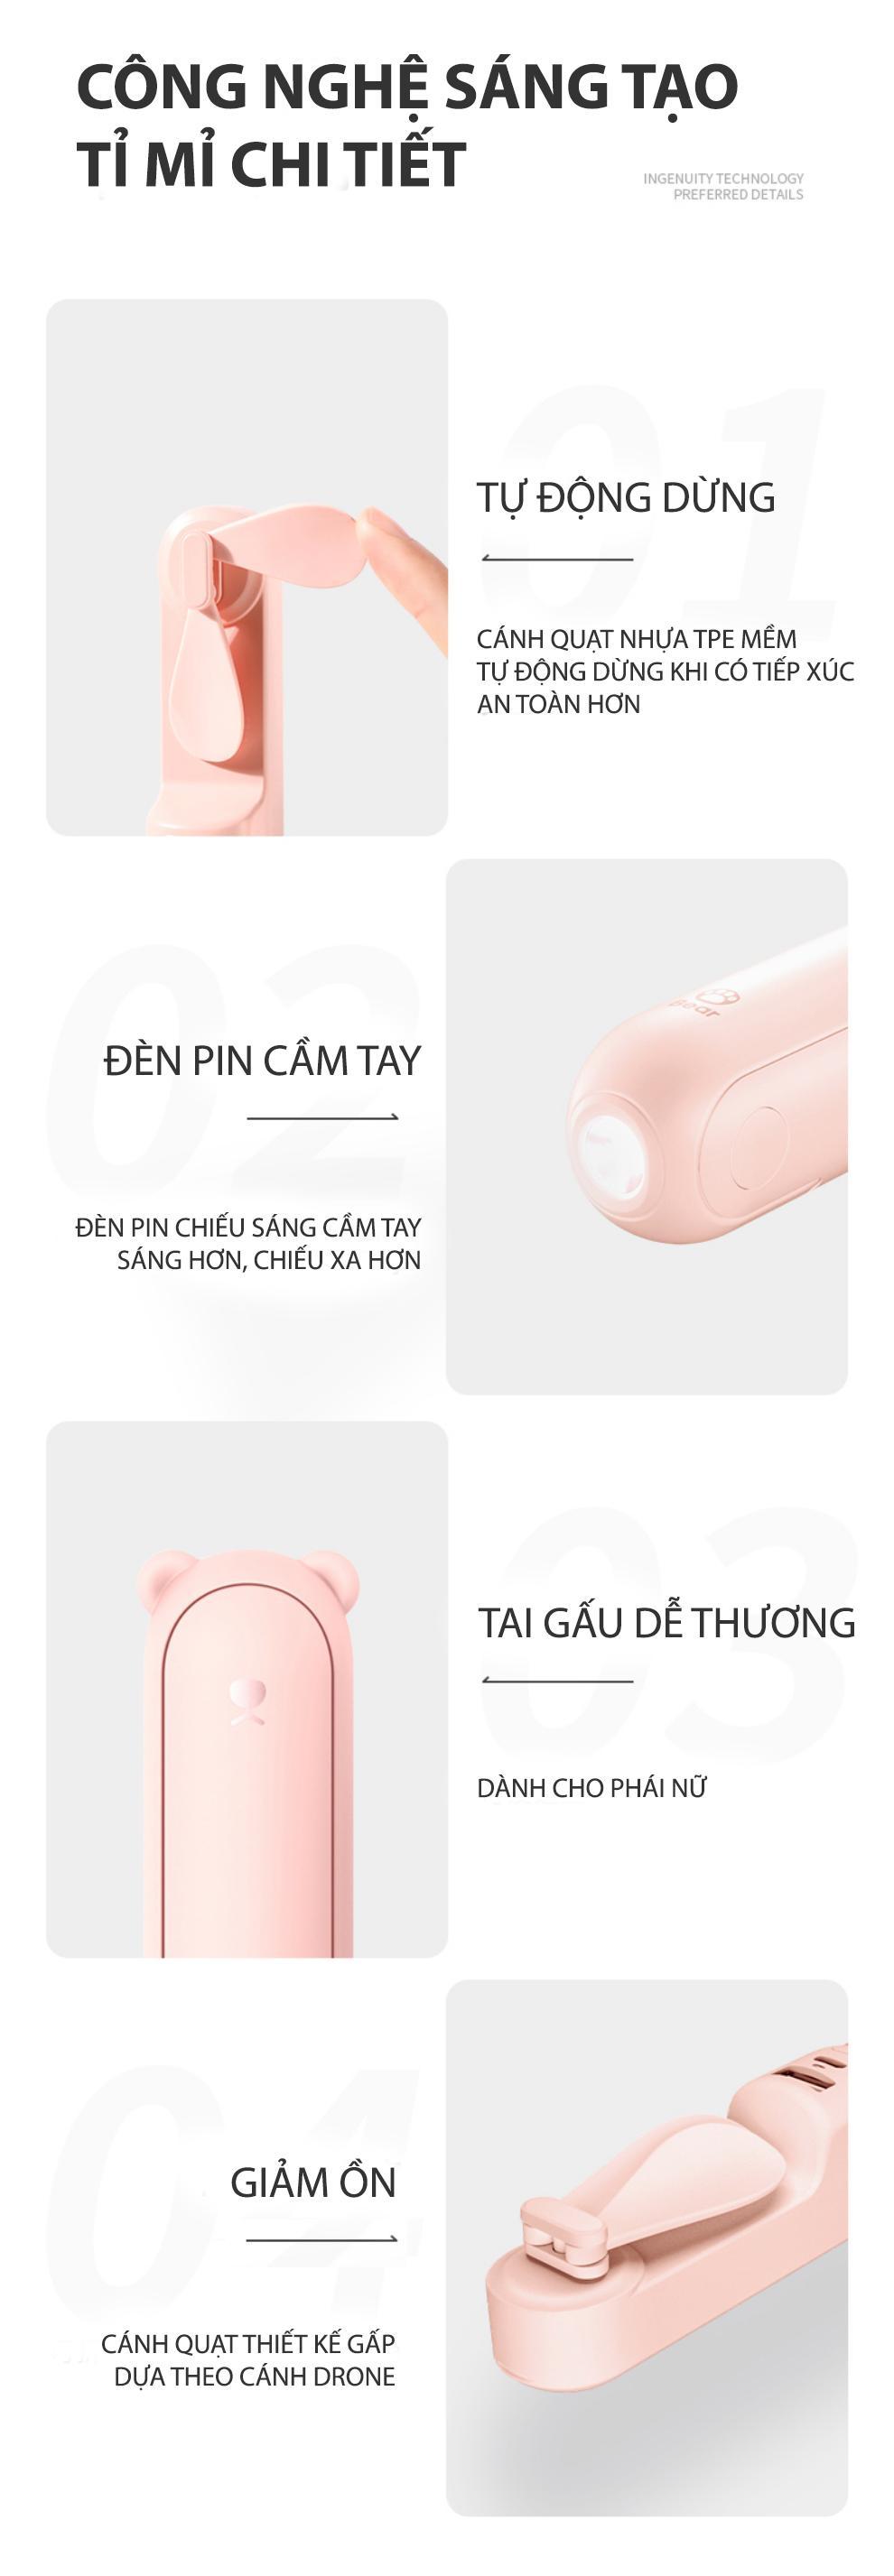 c2eb8b5126edb3a3247b0a09577d288b - Xiaomi Bear Mini Fan cao thủ về pin trong làng quạt cầm tay